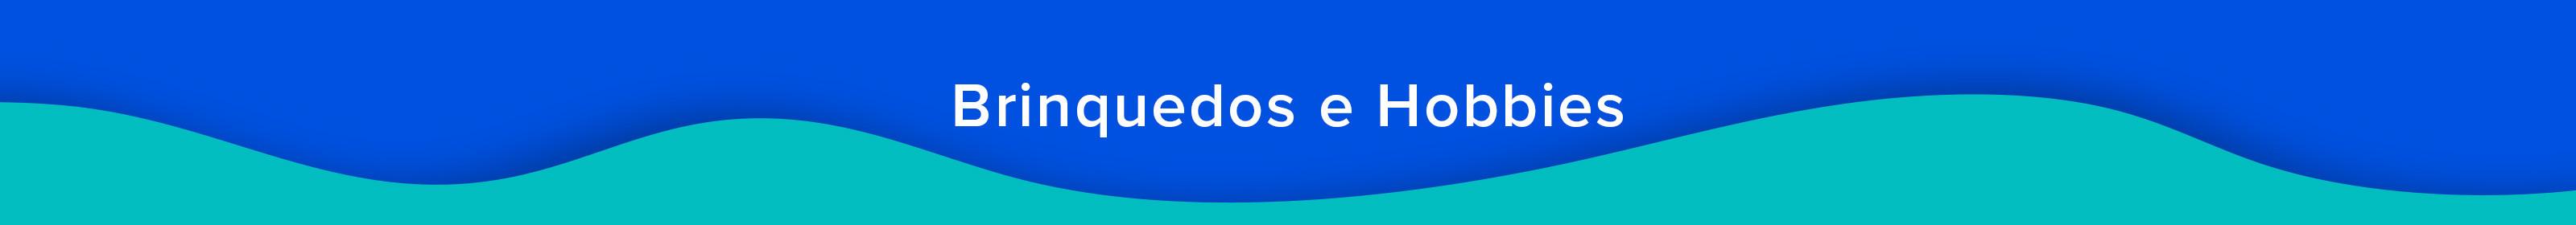 BRINQUEDOS_E_HOBBIES